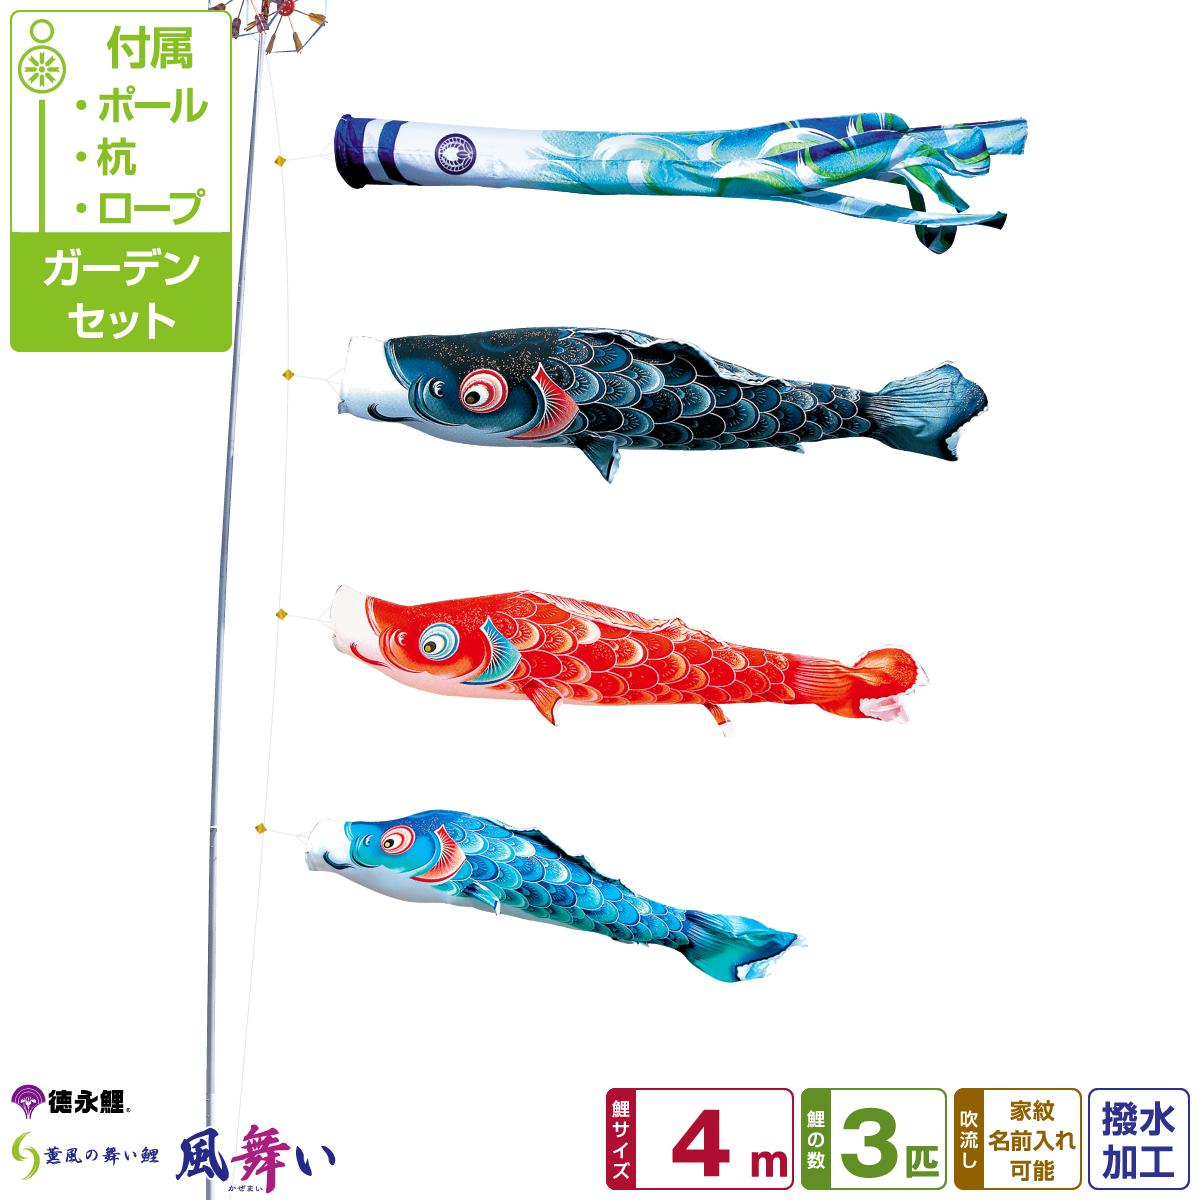 徳永鯉のぼり 風舞い鯉 4m 6点セット ガーデンセット 2019年初節句 端午の節句 こどもの日 こいのぼり